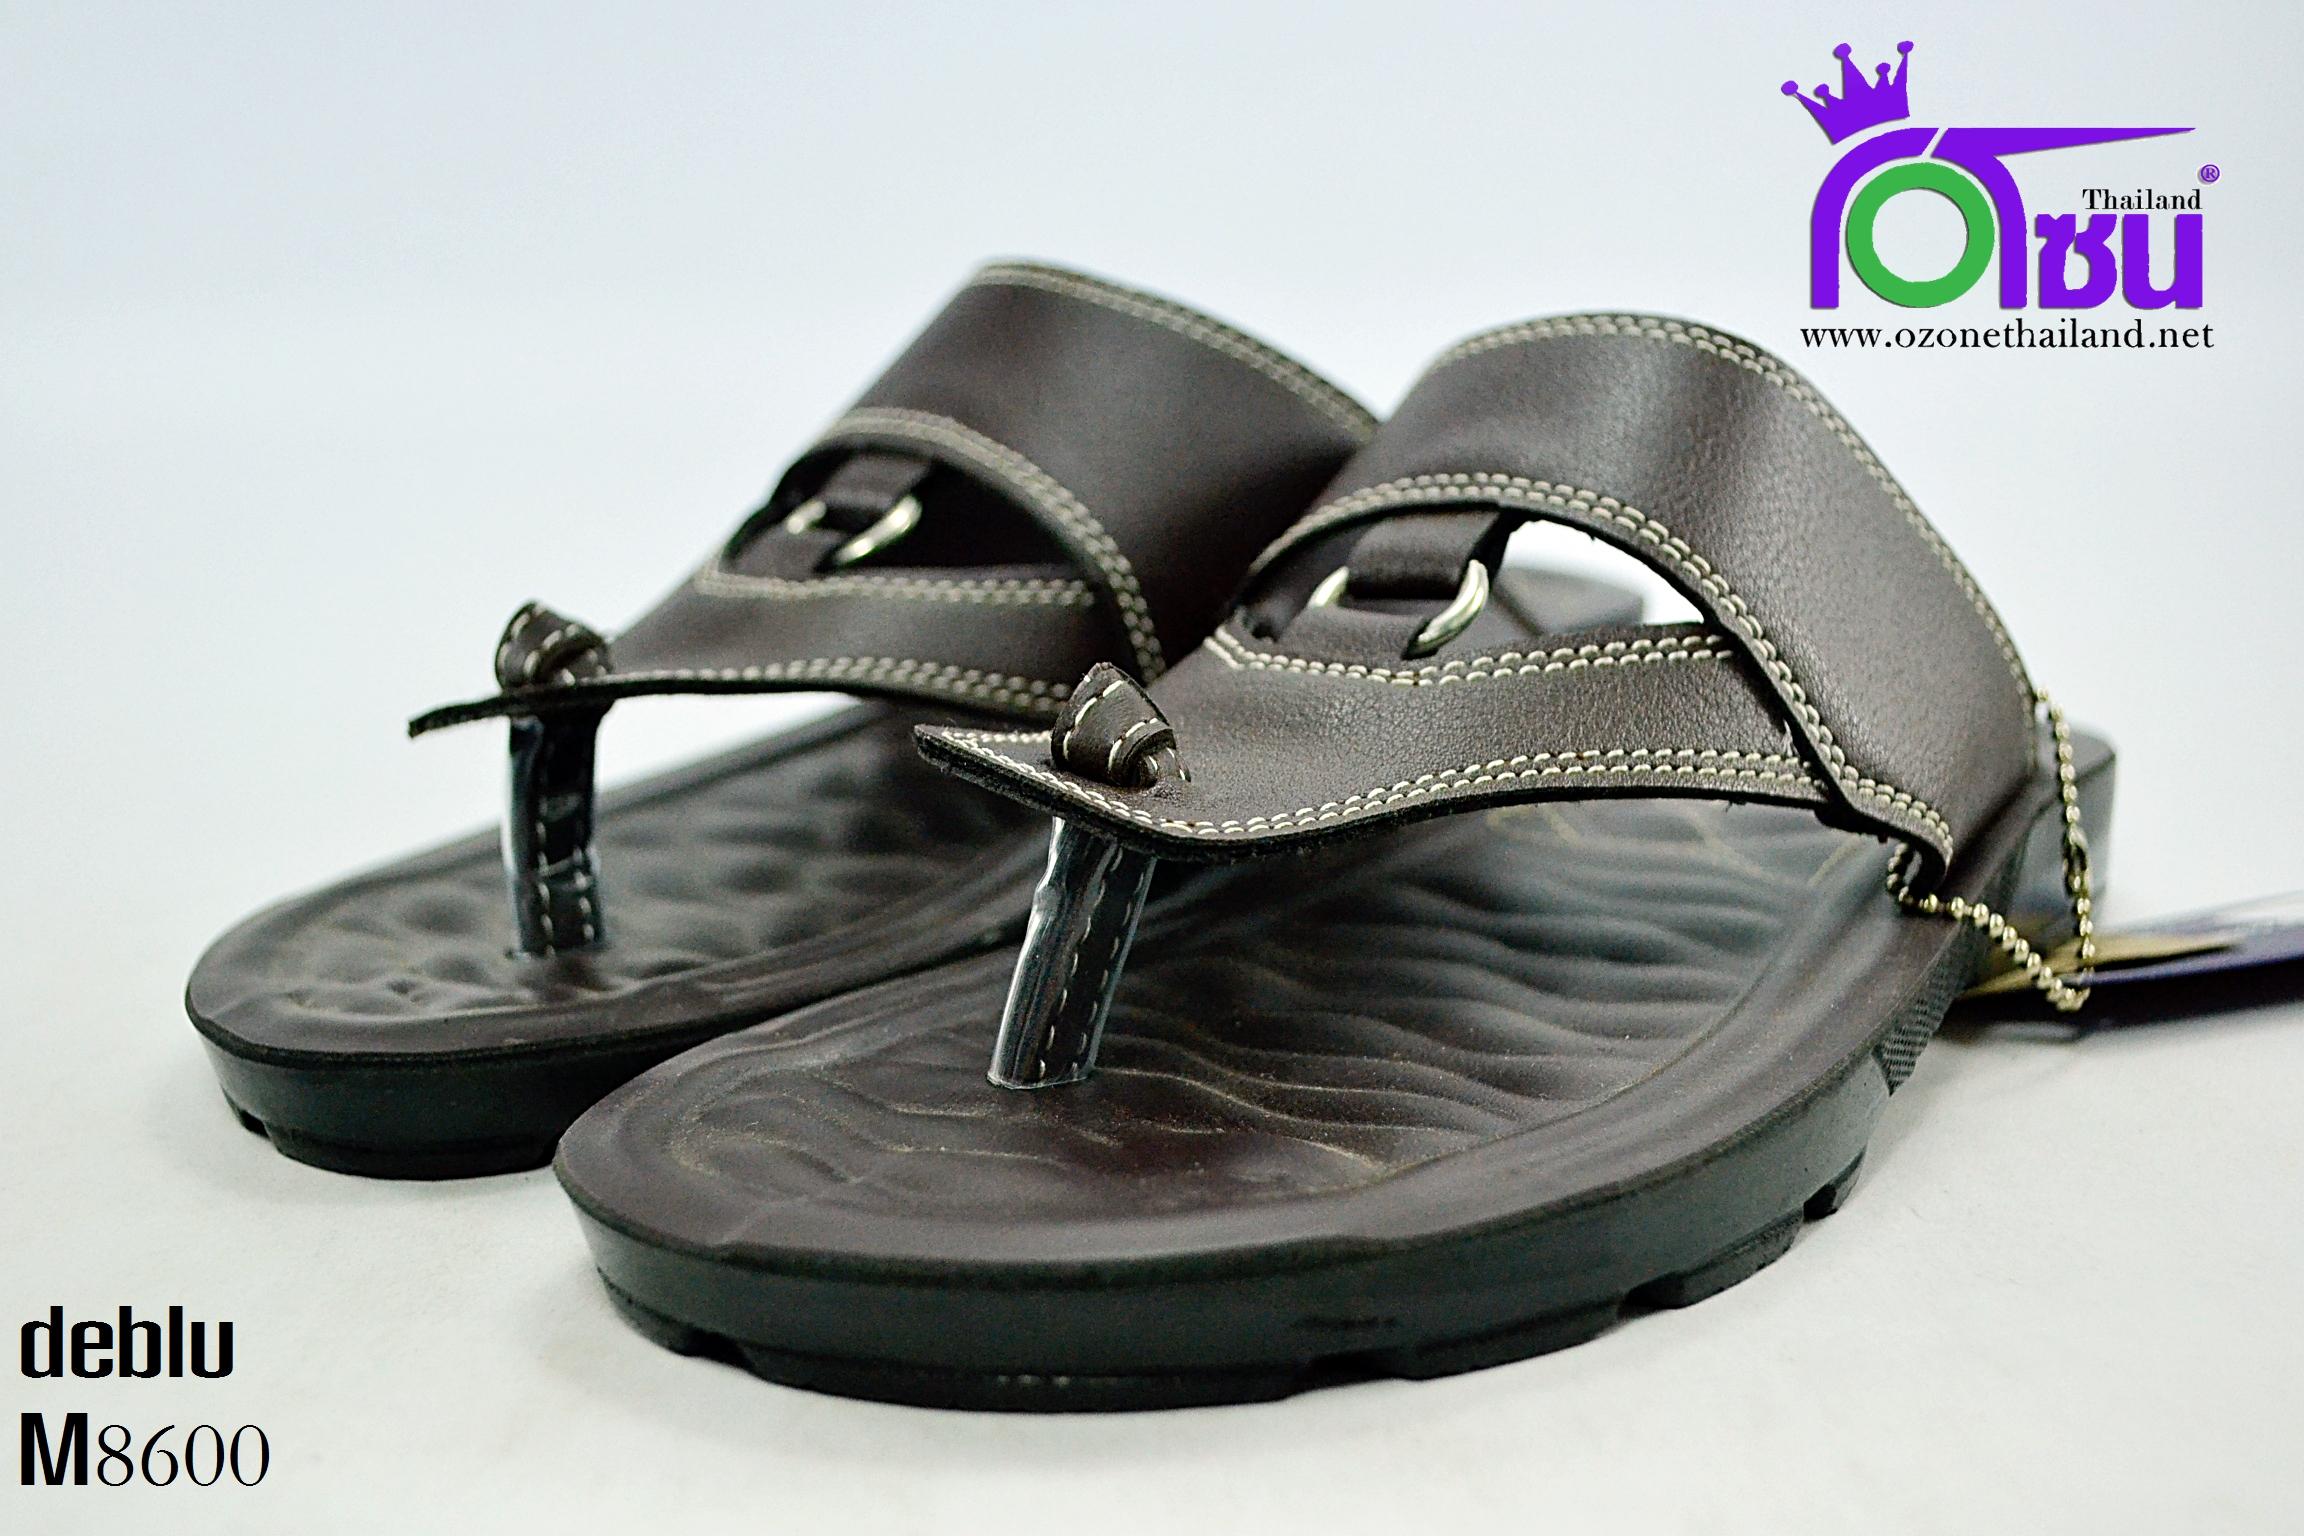 รองเท้า เดอบลู deblu รุ่น M8600 สีน้ำตาล เบอร์ 39-44